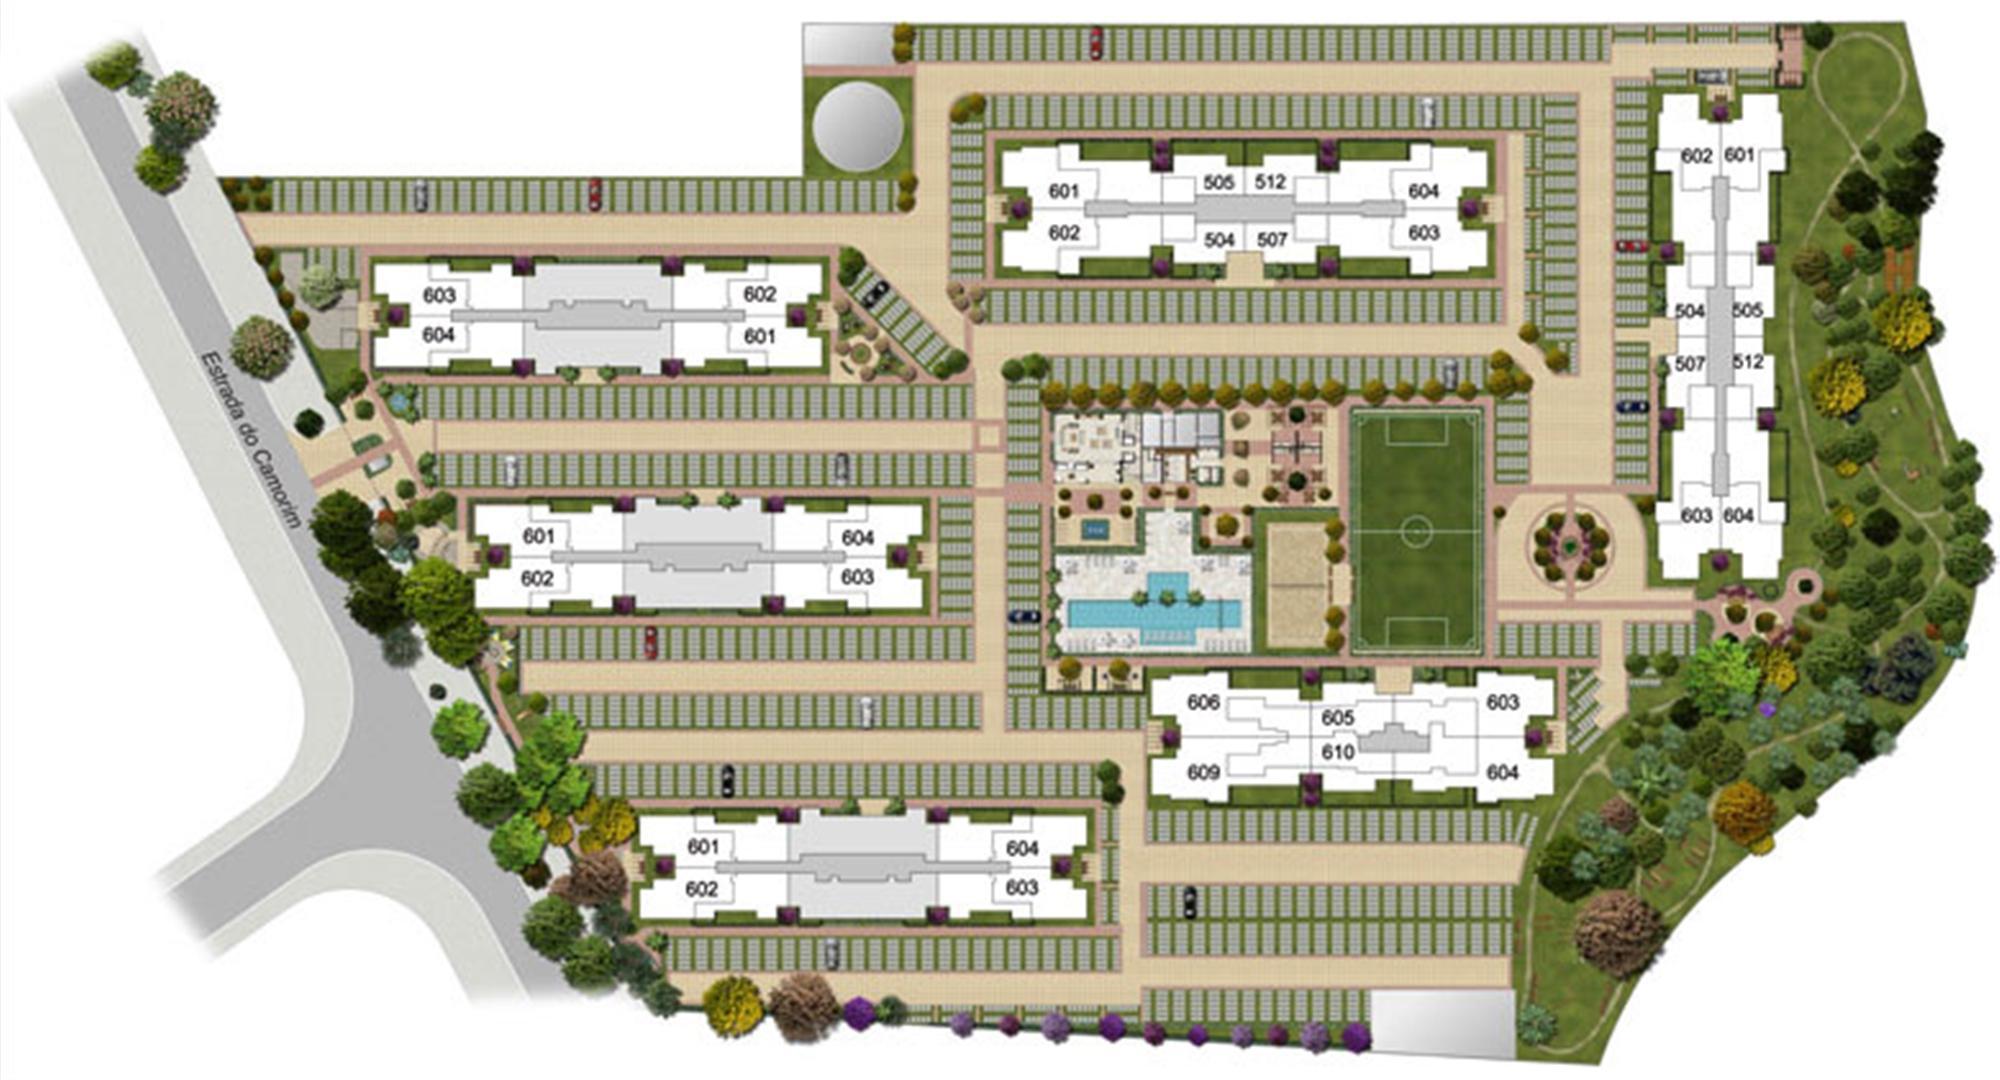 Perspectiva ilustrada da implantação-4 | Floris Bosque Residencial – Apartamento em  Jacarepaguá - Rio de Janeiro - Rio de Janeiro